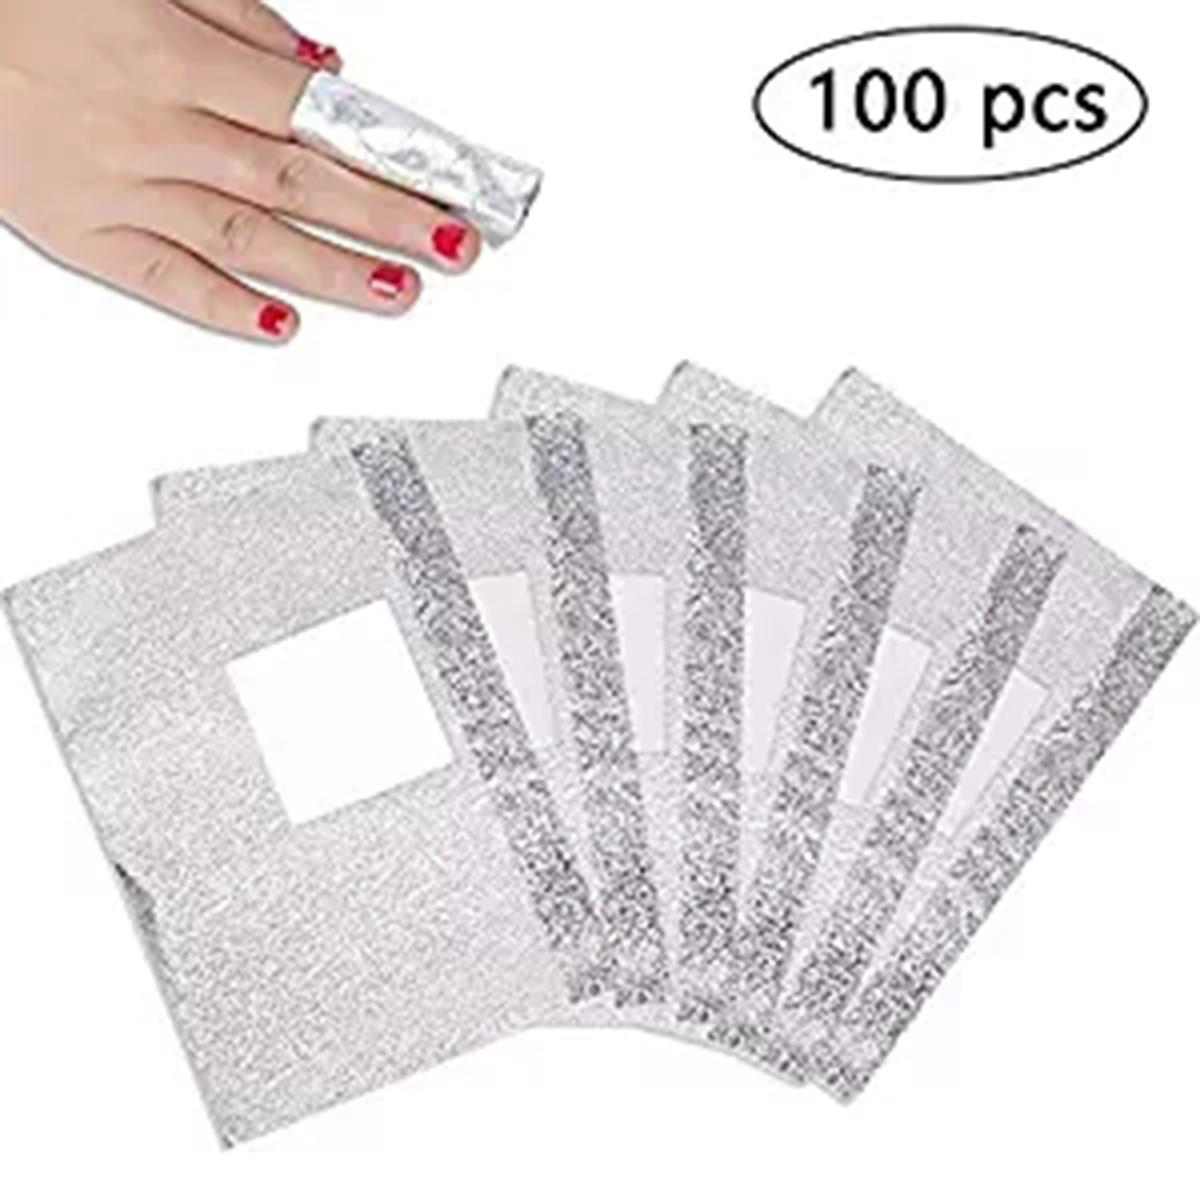 100 Uds. Envolturas de eliminación de papel de aluminio resistentes, láminas de Soak Off con almohadilla de algodón plateada para esmalte de uñas en Gel, herramientas cosméticas de maquillaje